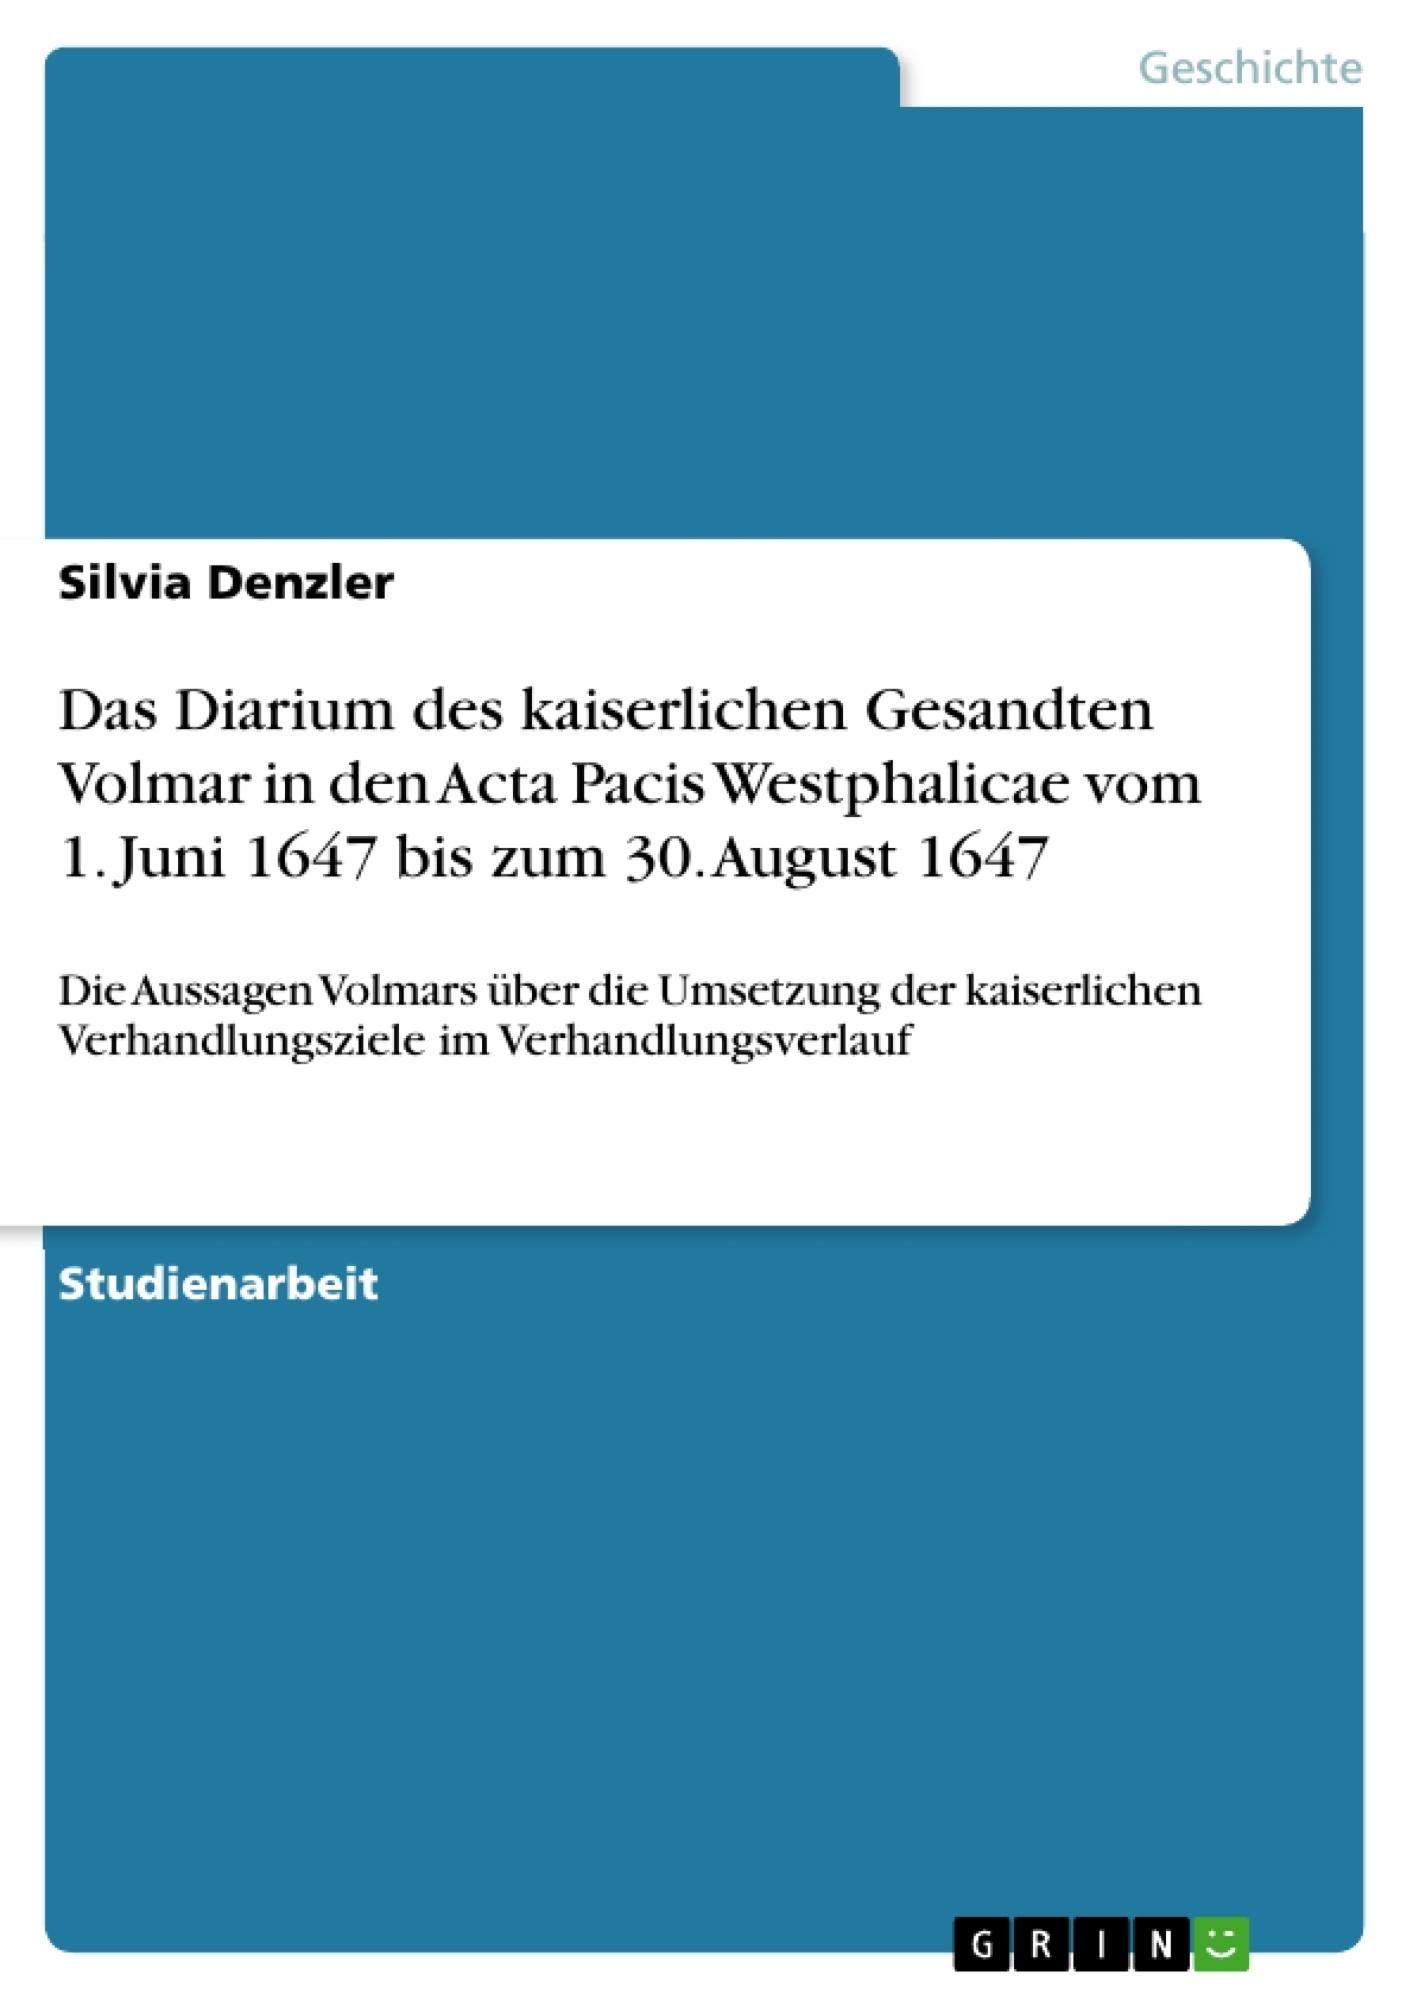 Titel: Das Diarium des kaiserlichen Gesandten Volmar in den Acta Pacis Westphalicae vom 1. Juni 1647 bis zum 30. August 1647